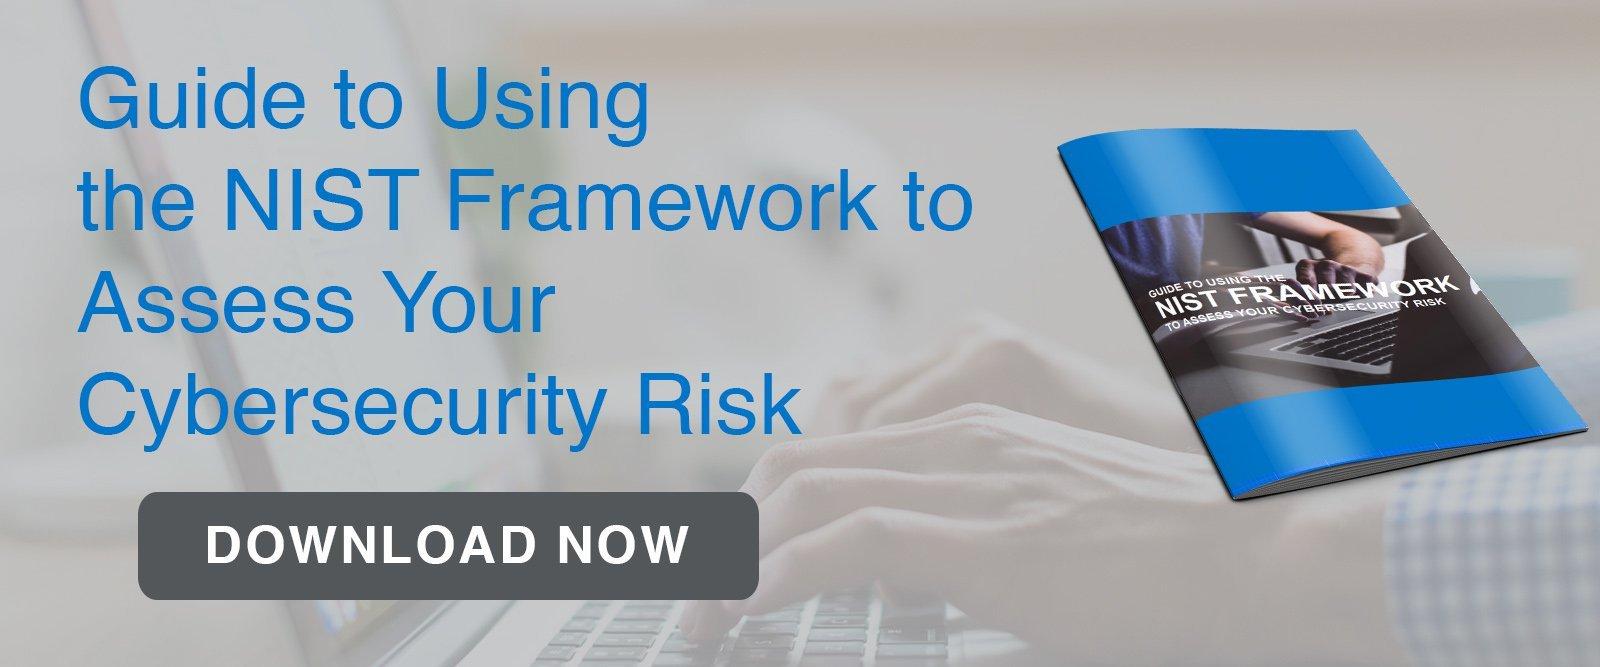 nist framework assess cybersecurity